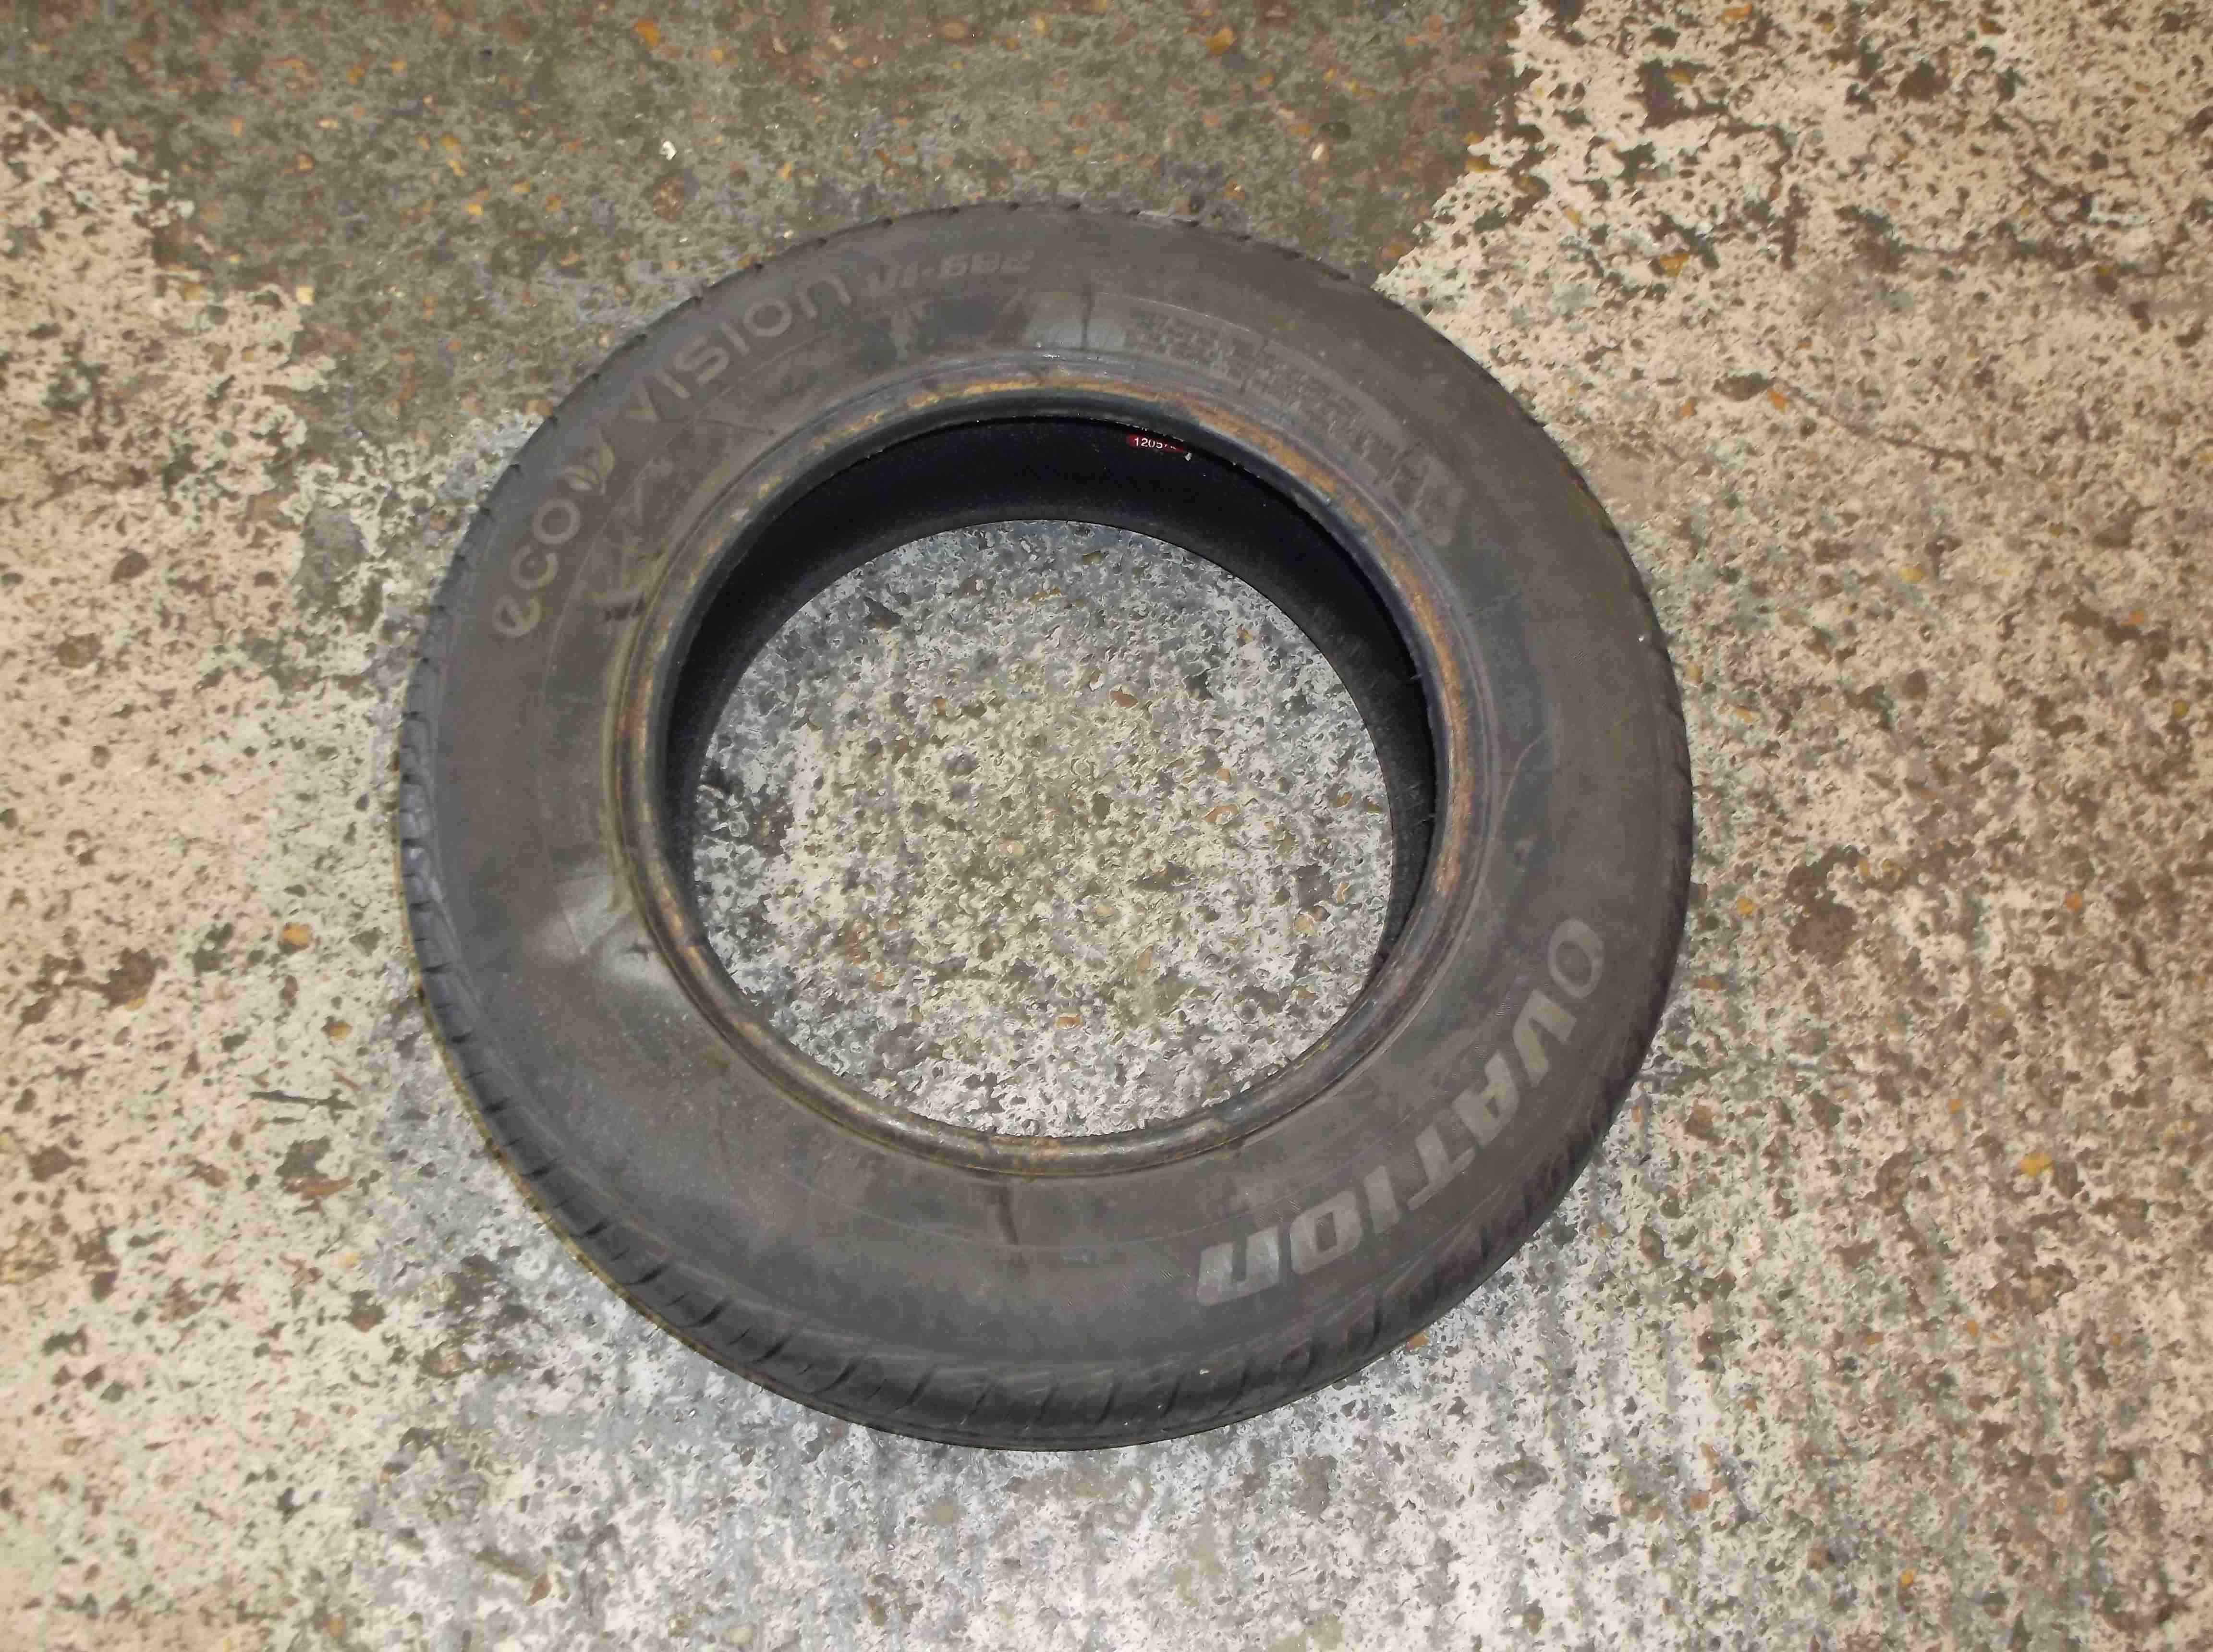 Part Worn Tyre Wheel Spare 175 70 14 9mm